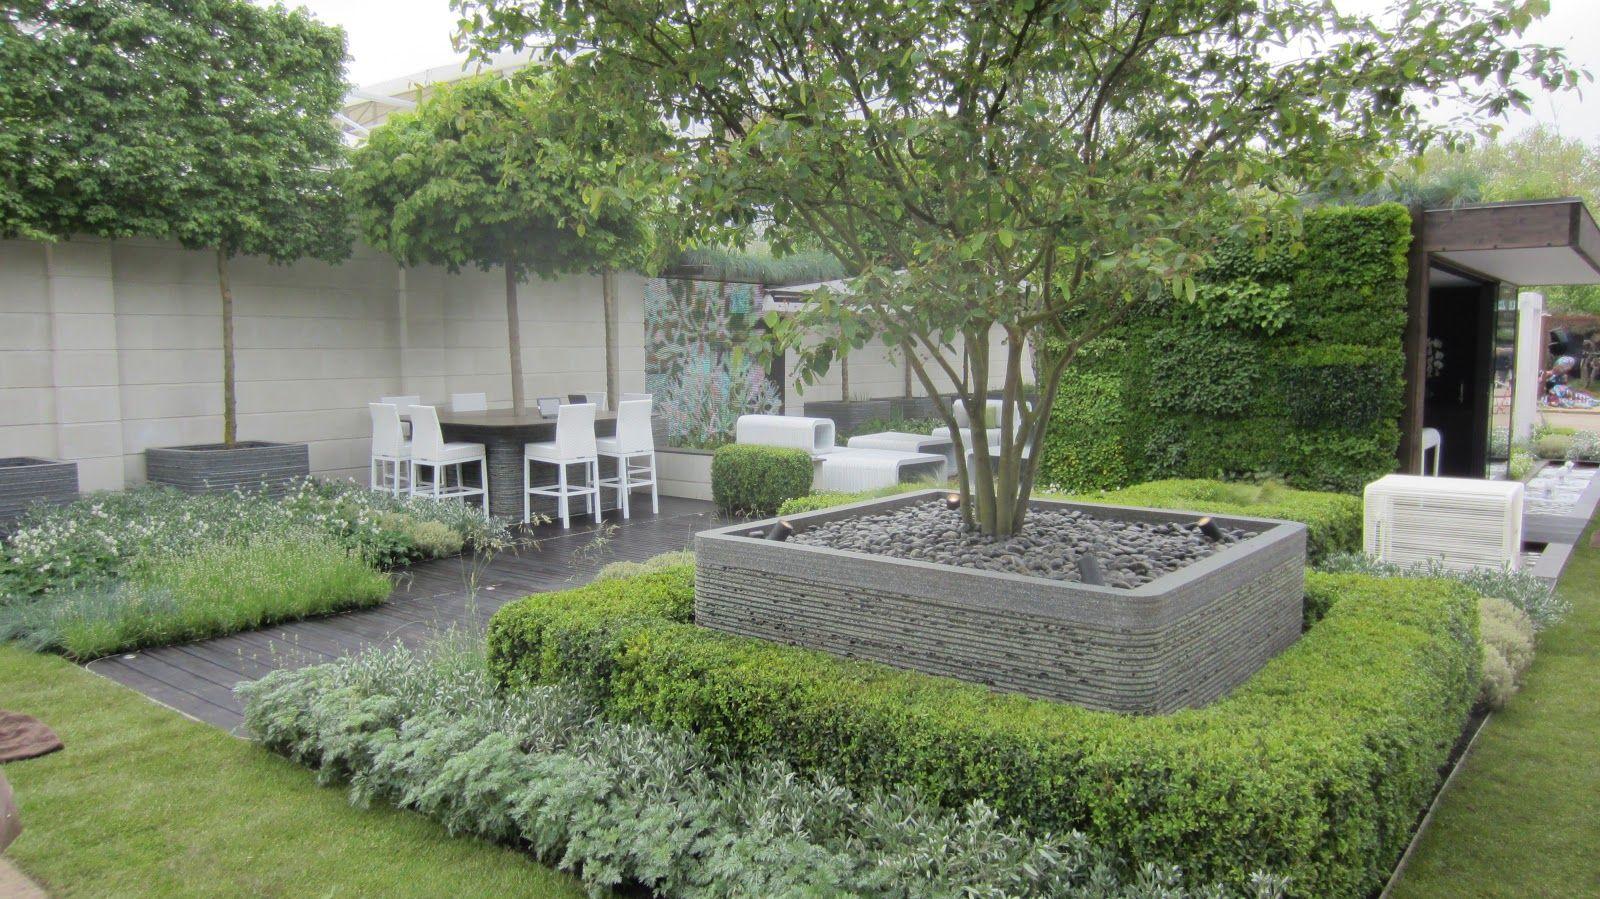 john brookes garden design buscar con google